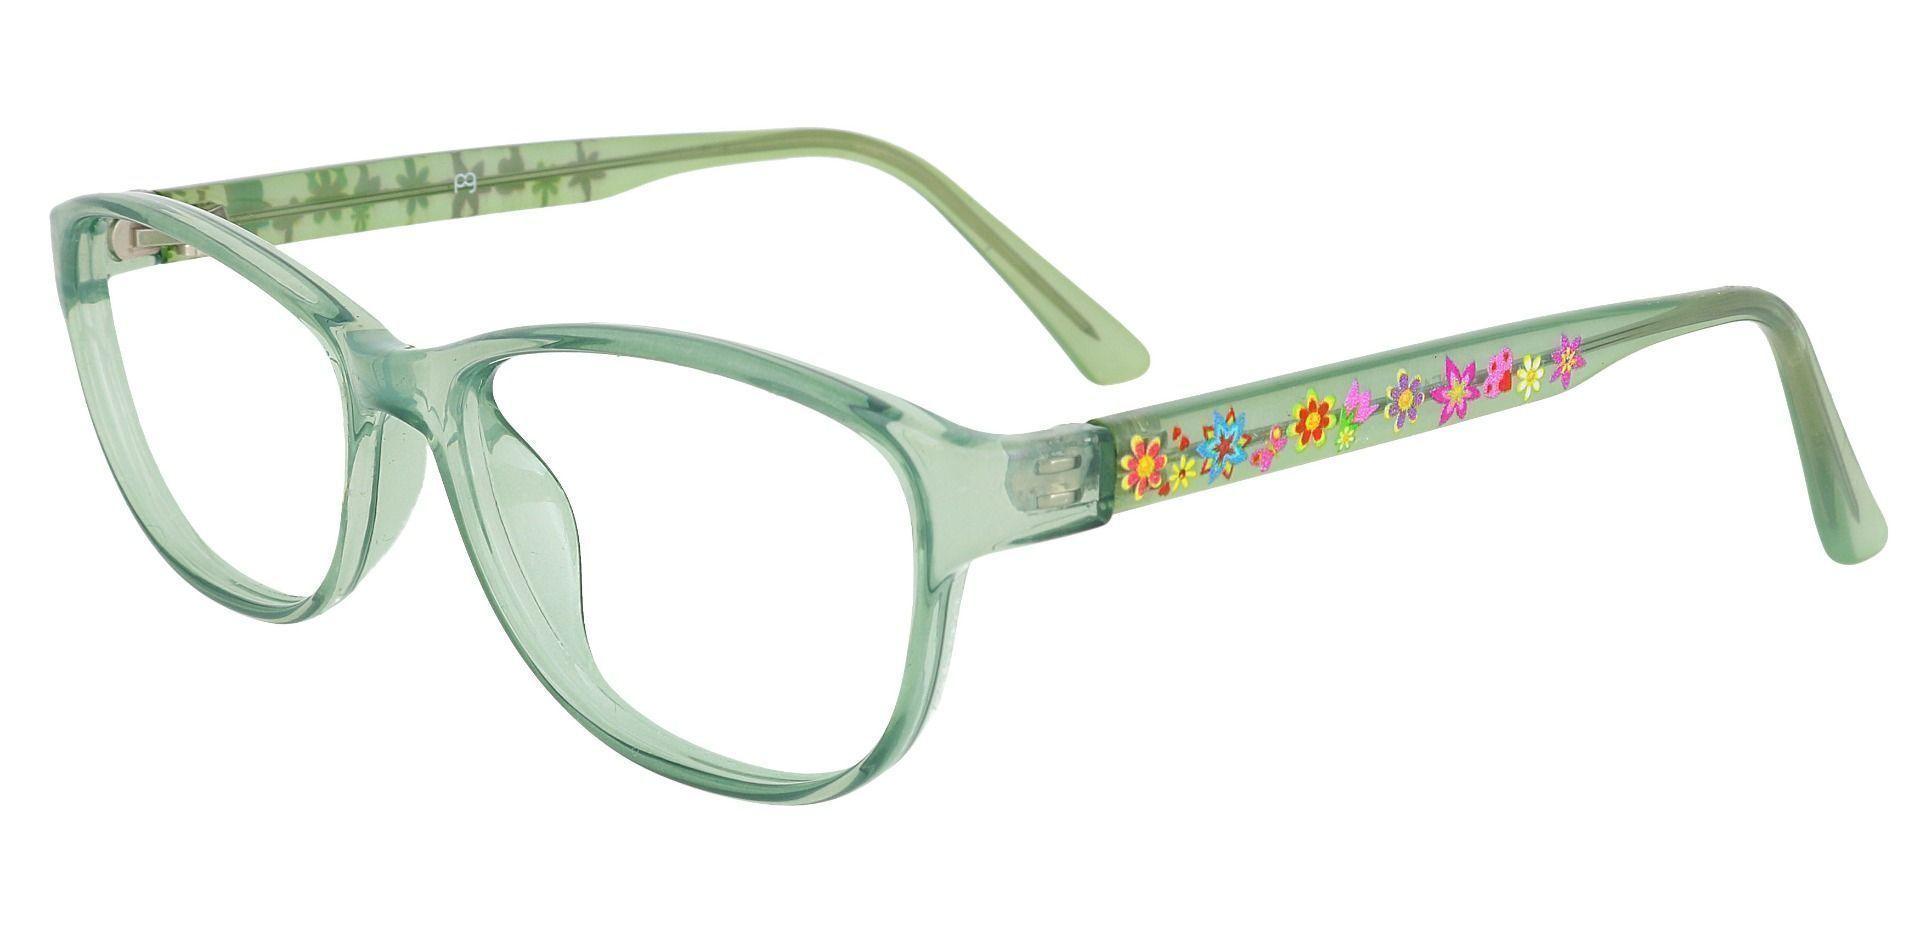 Alpine Oval Prescription Glasses - Green